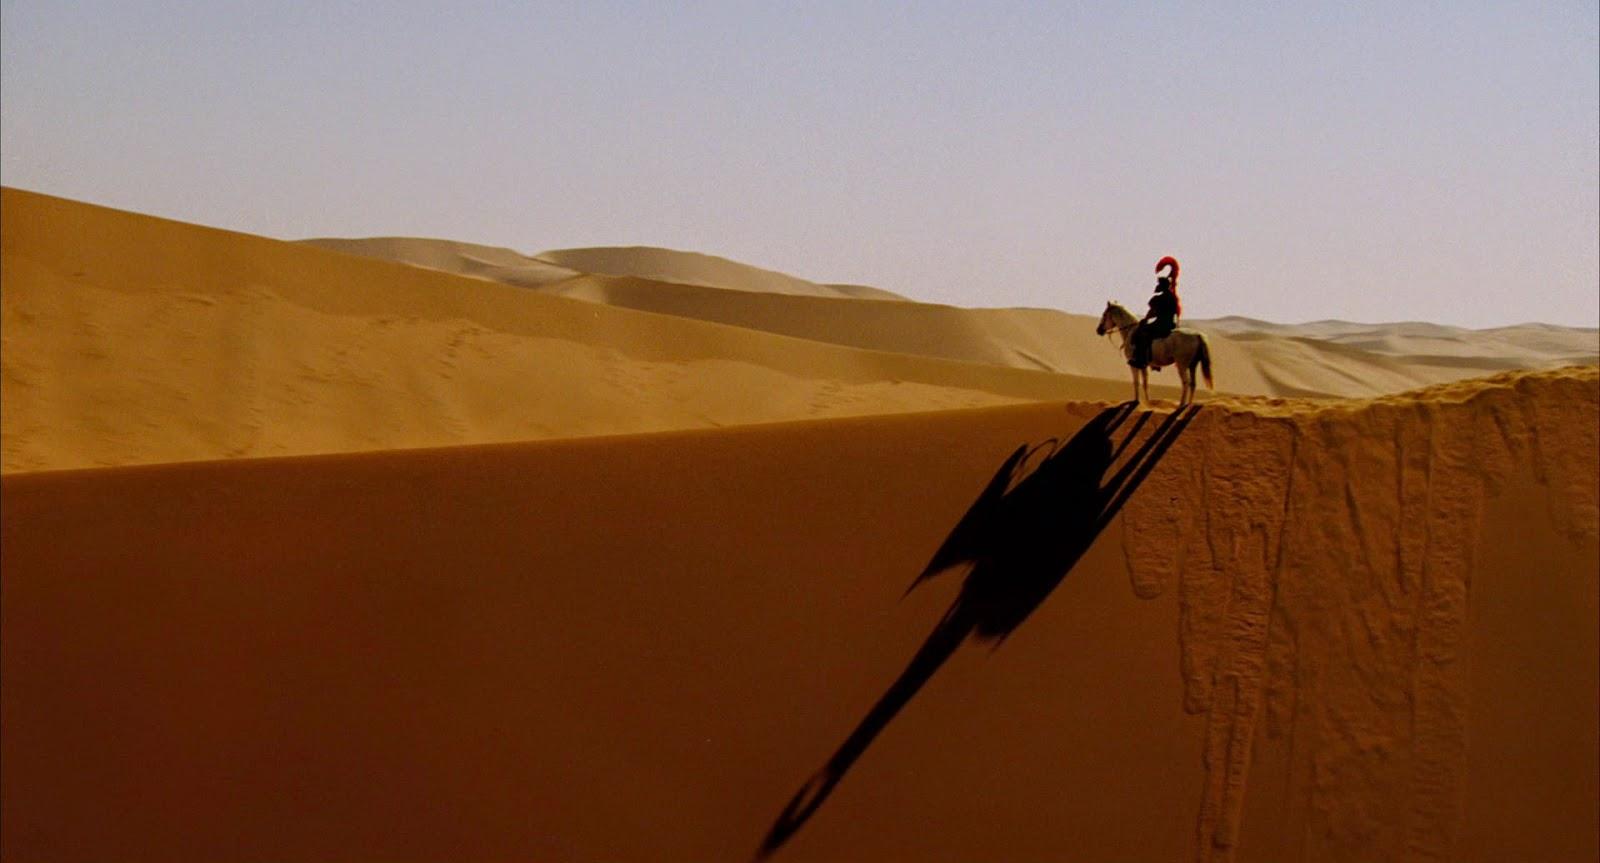 Alexander the Great desert scenes